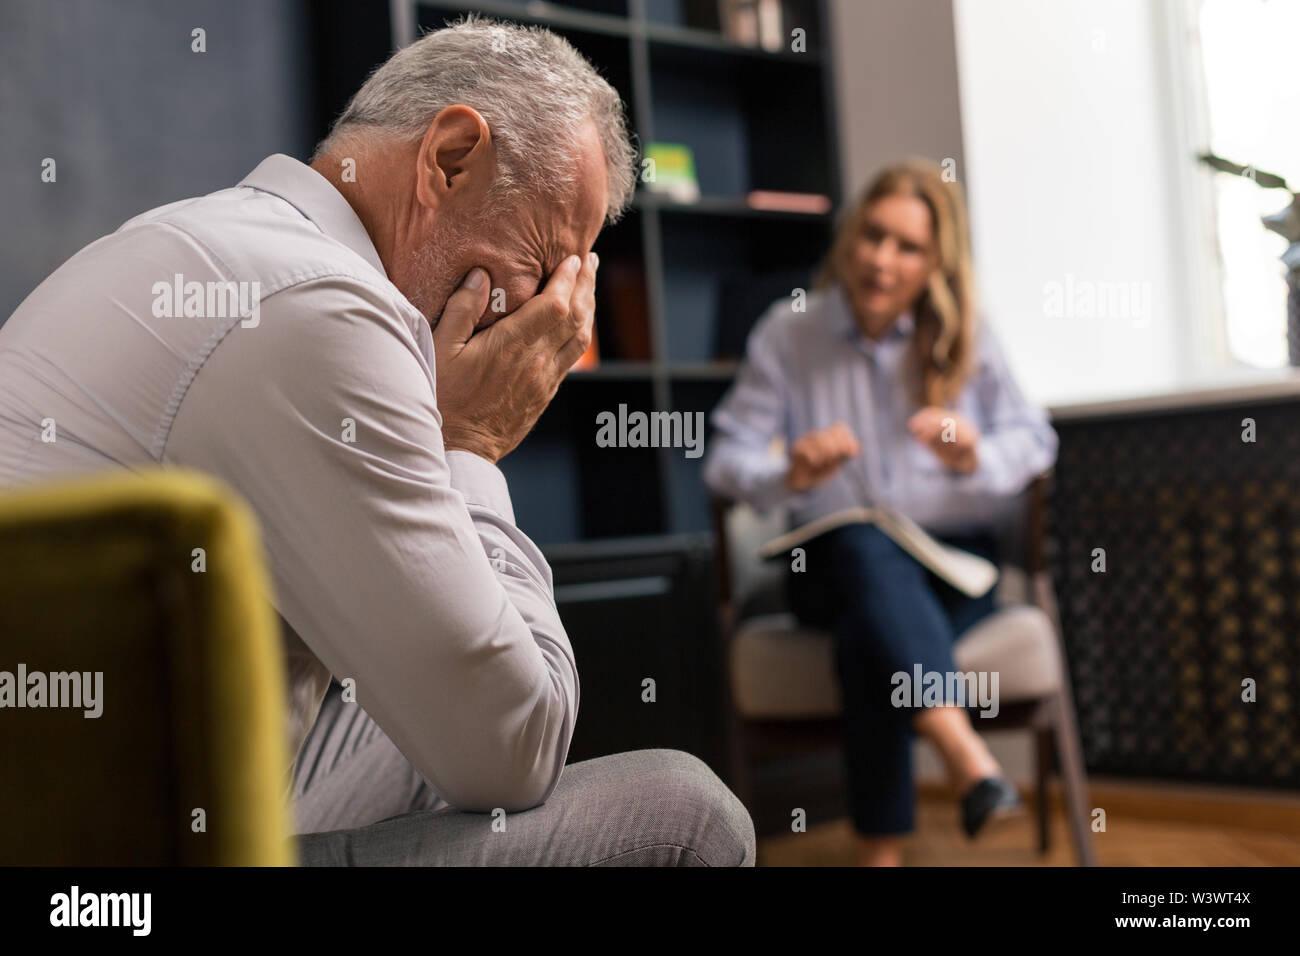 Cachant son visage. Déprimé homme aux cheveux gris couvrant son visage avec les mains pendant l'écoute d'une femme blonde assise à côté de lui Photo Stock